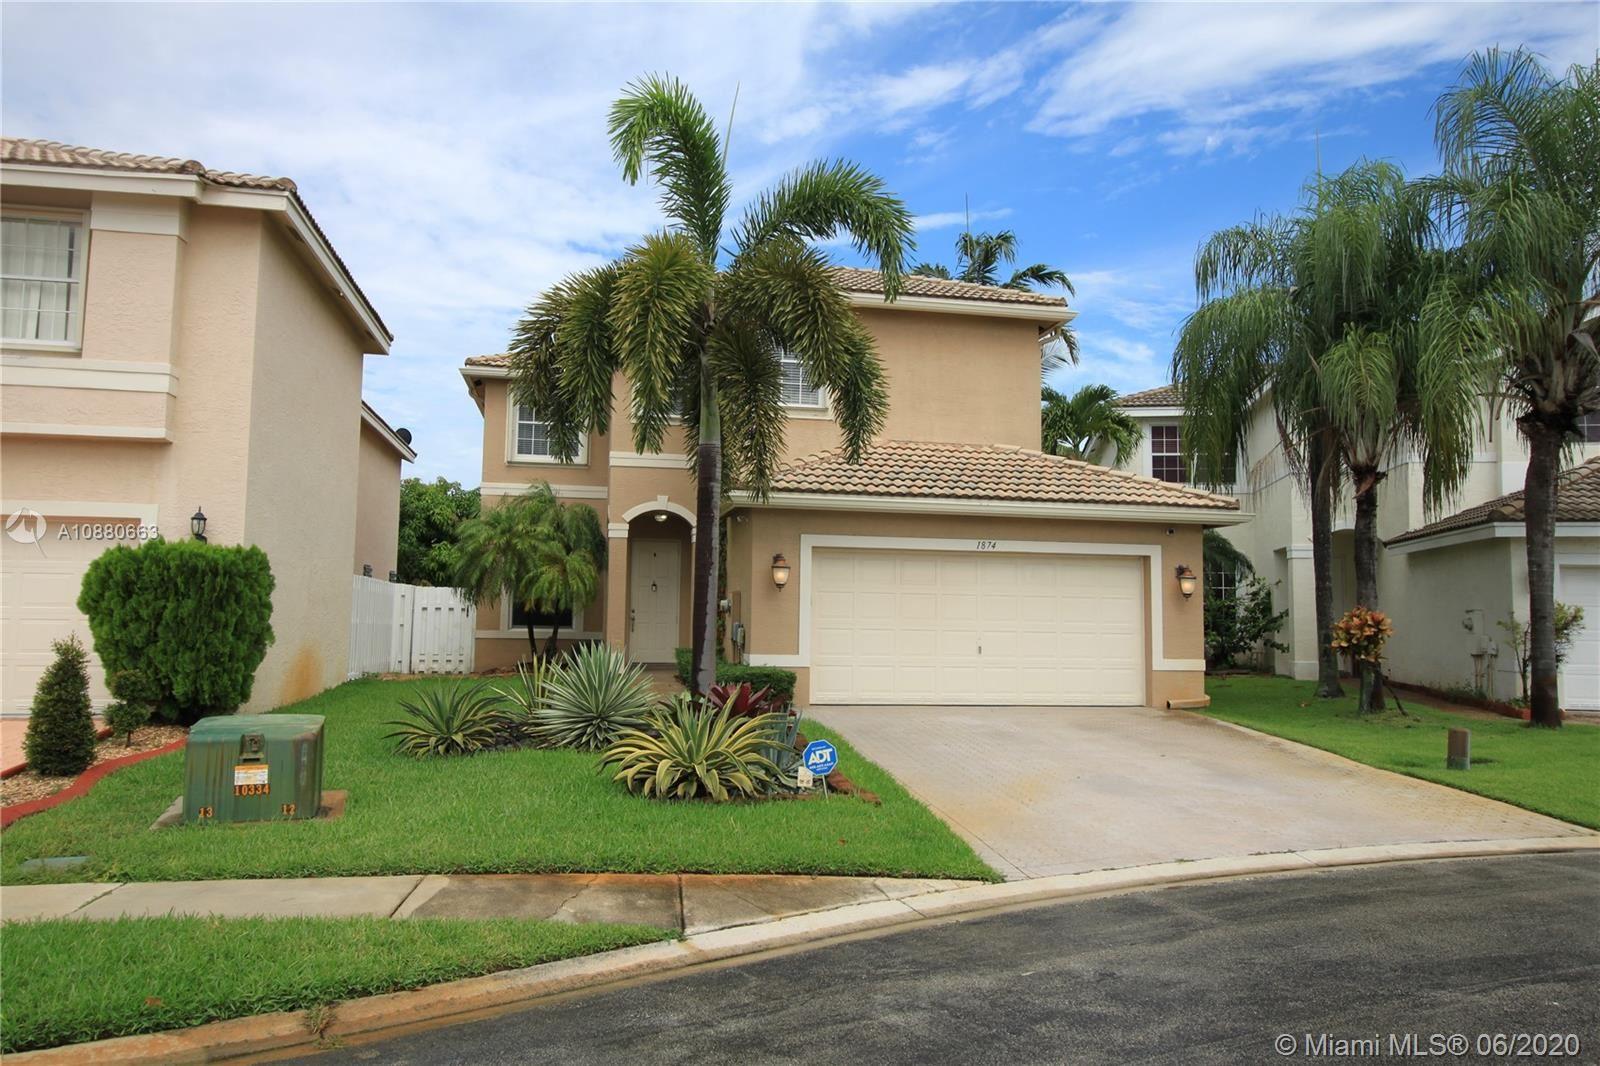 1874 SW 149th Ave, Miramar, FL 33027 - #: A10880663